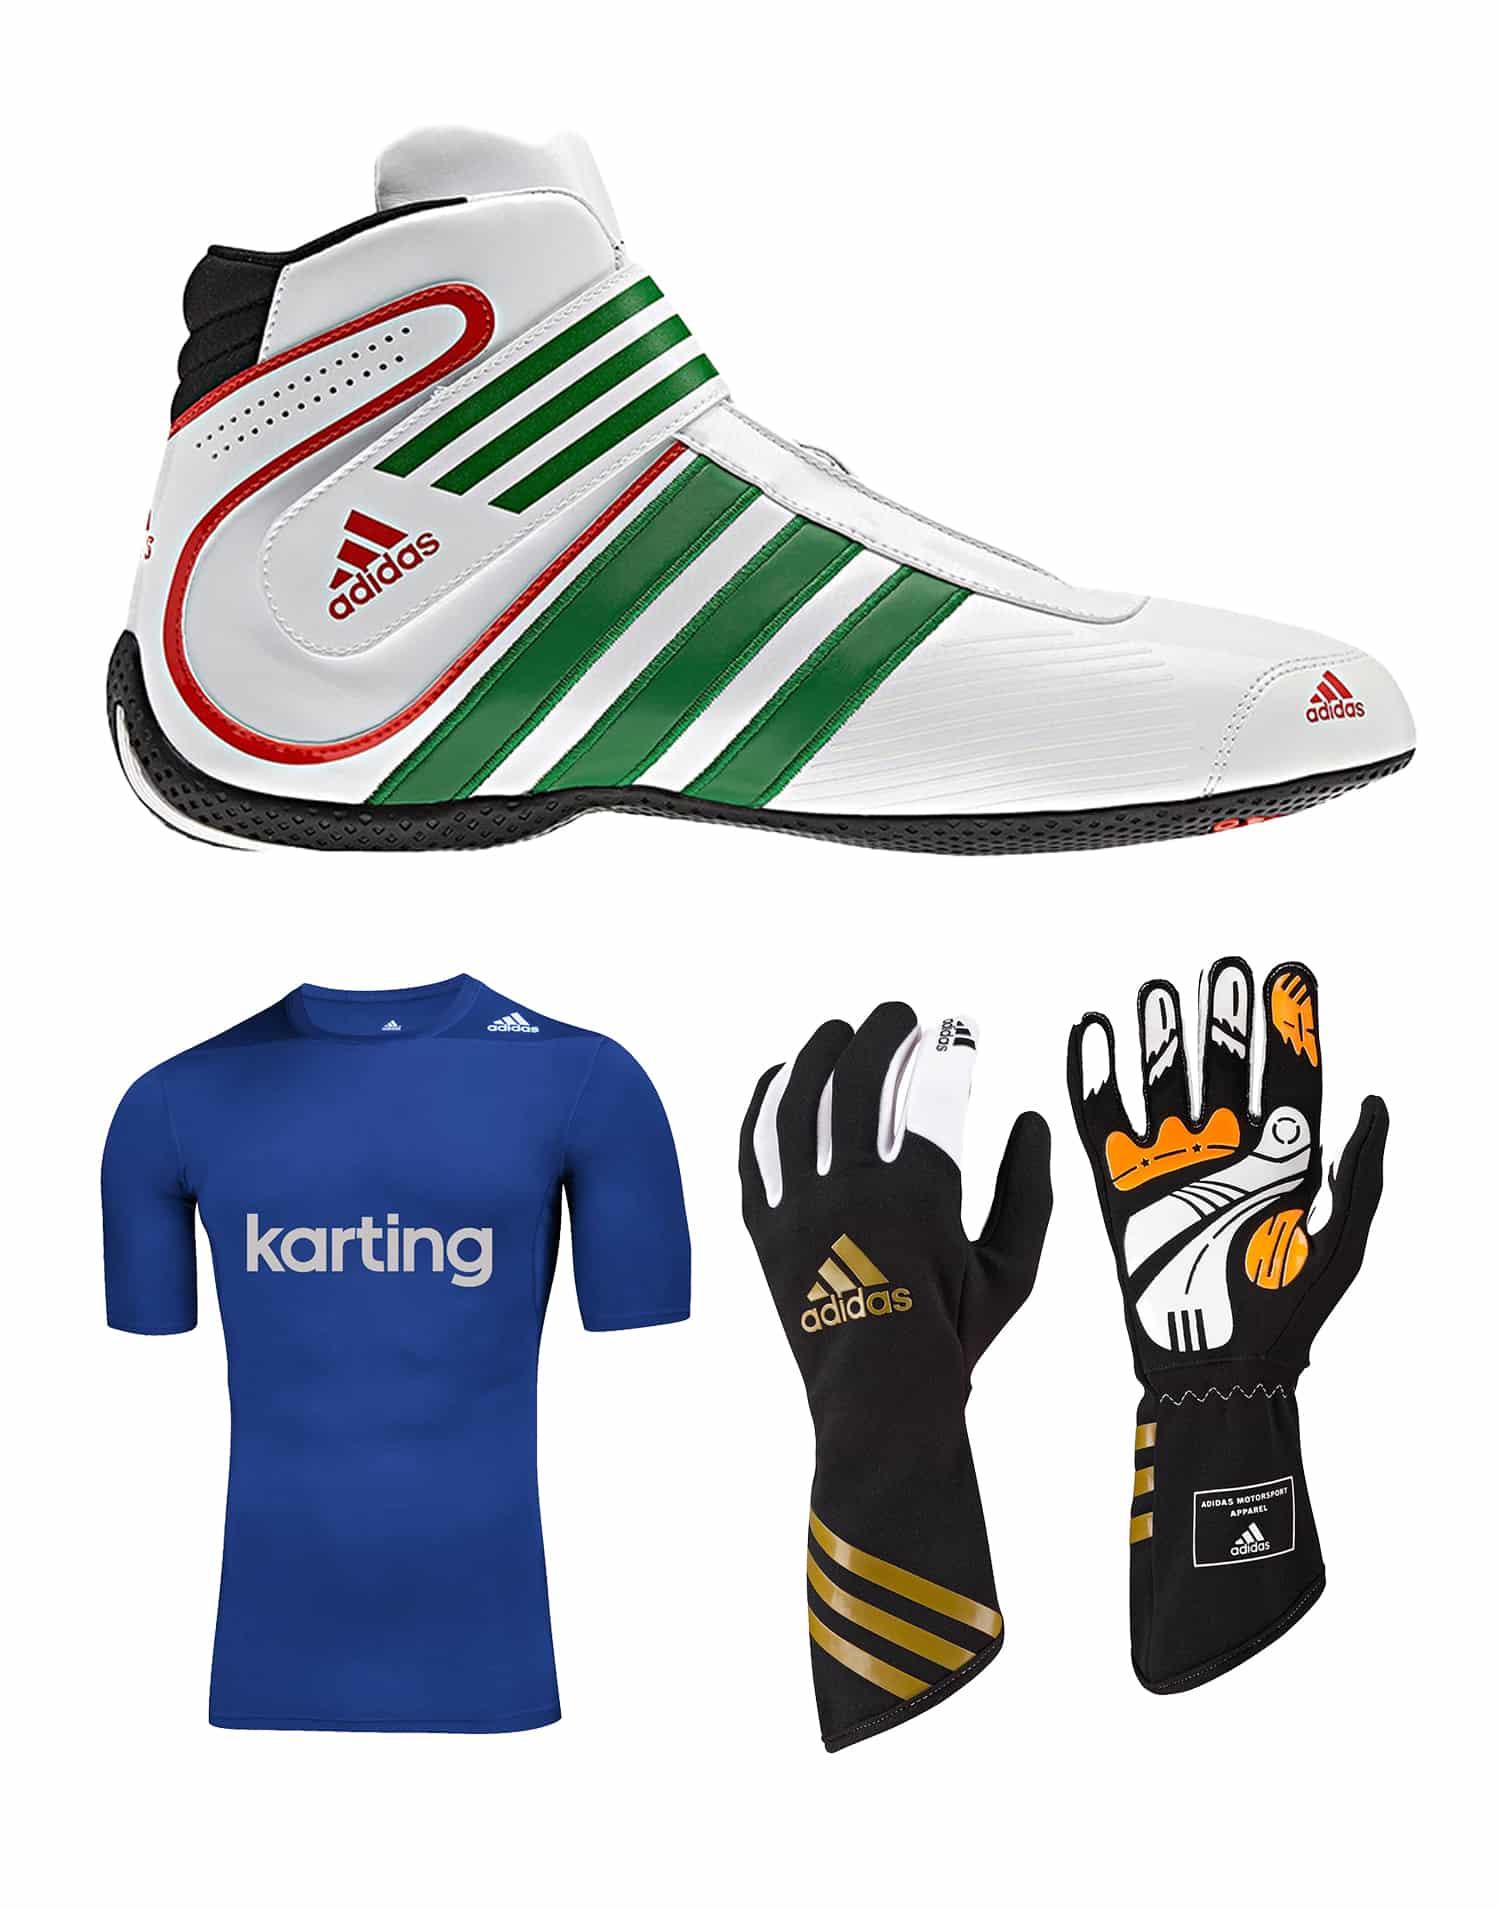 Todo el tiempo Susurro Plantación  Adidas – Adult Boots, Gloves & UnderTop Bundle Discount   MK Racewear